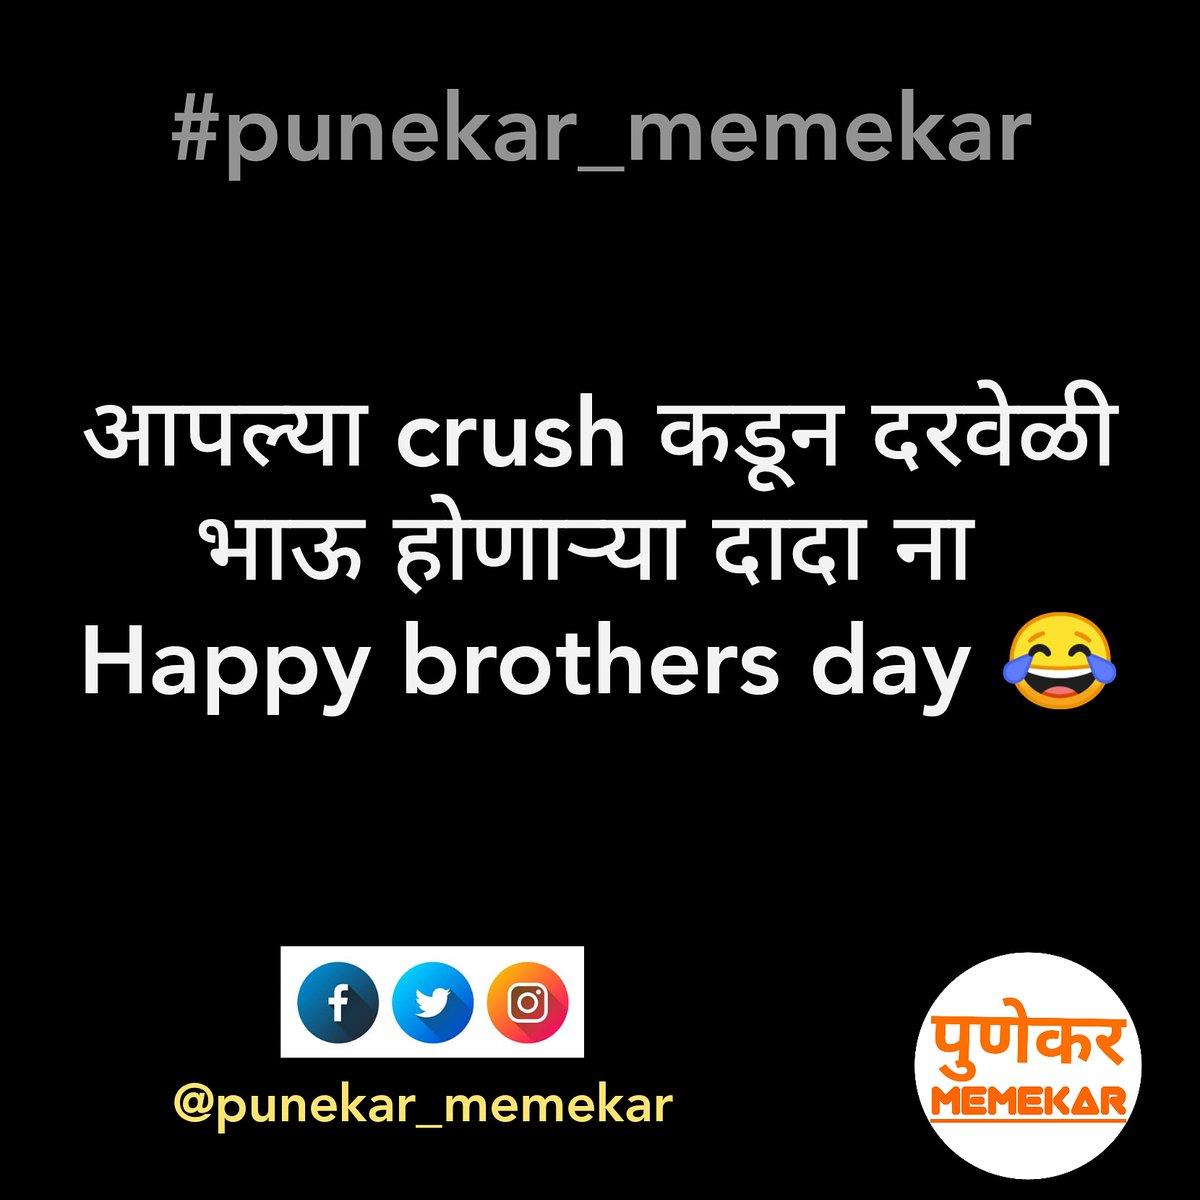 #maharashtra #marathicomedy  #mumbai #mumbaikar #brothersday #punekarmemekar #pune #crushmemes #lovememes #loveyourself #nashik #dankmemes #viral #lovememes#pyar #gfmemes #gf #kolhapur #instamemes #troll #memesdaily #marathijokes #marathistatus #marathitroll #marathimemepic.twitter.com/OUpIJAJggD